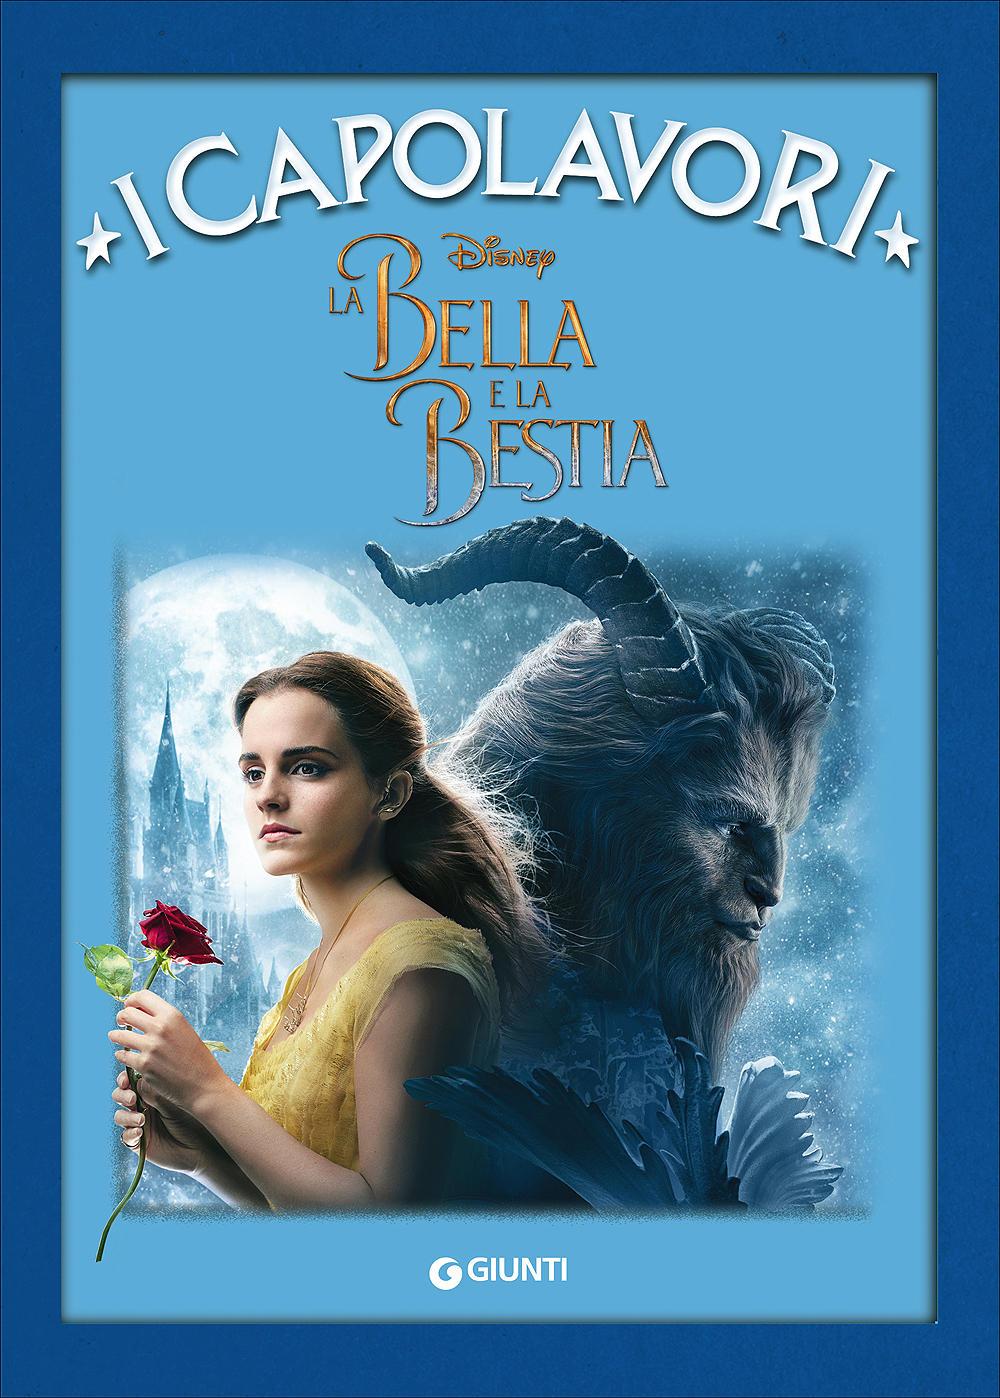 La Bella e la Bestia (Il film) - I Capolavori